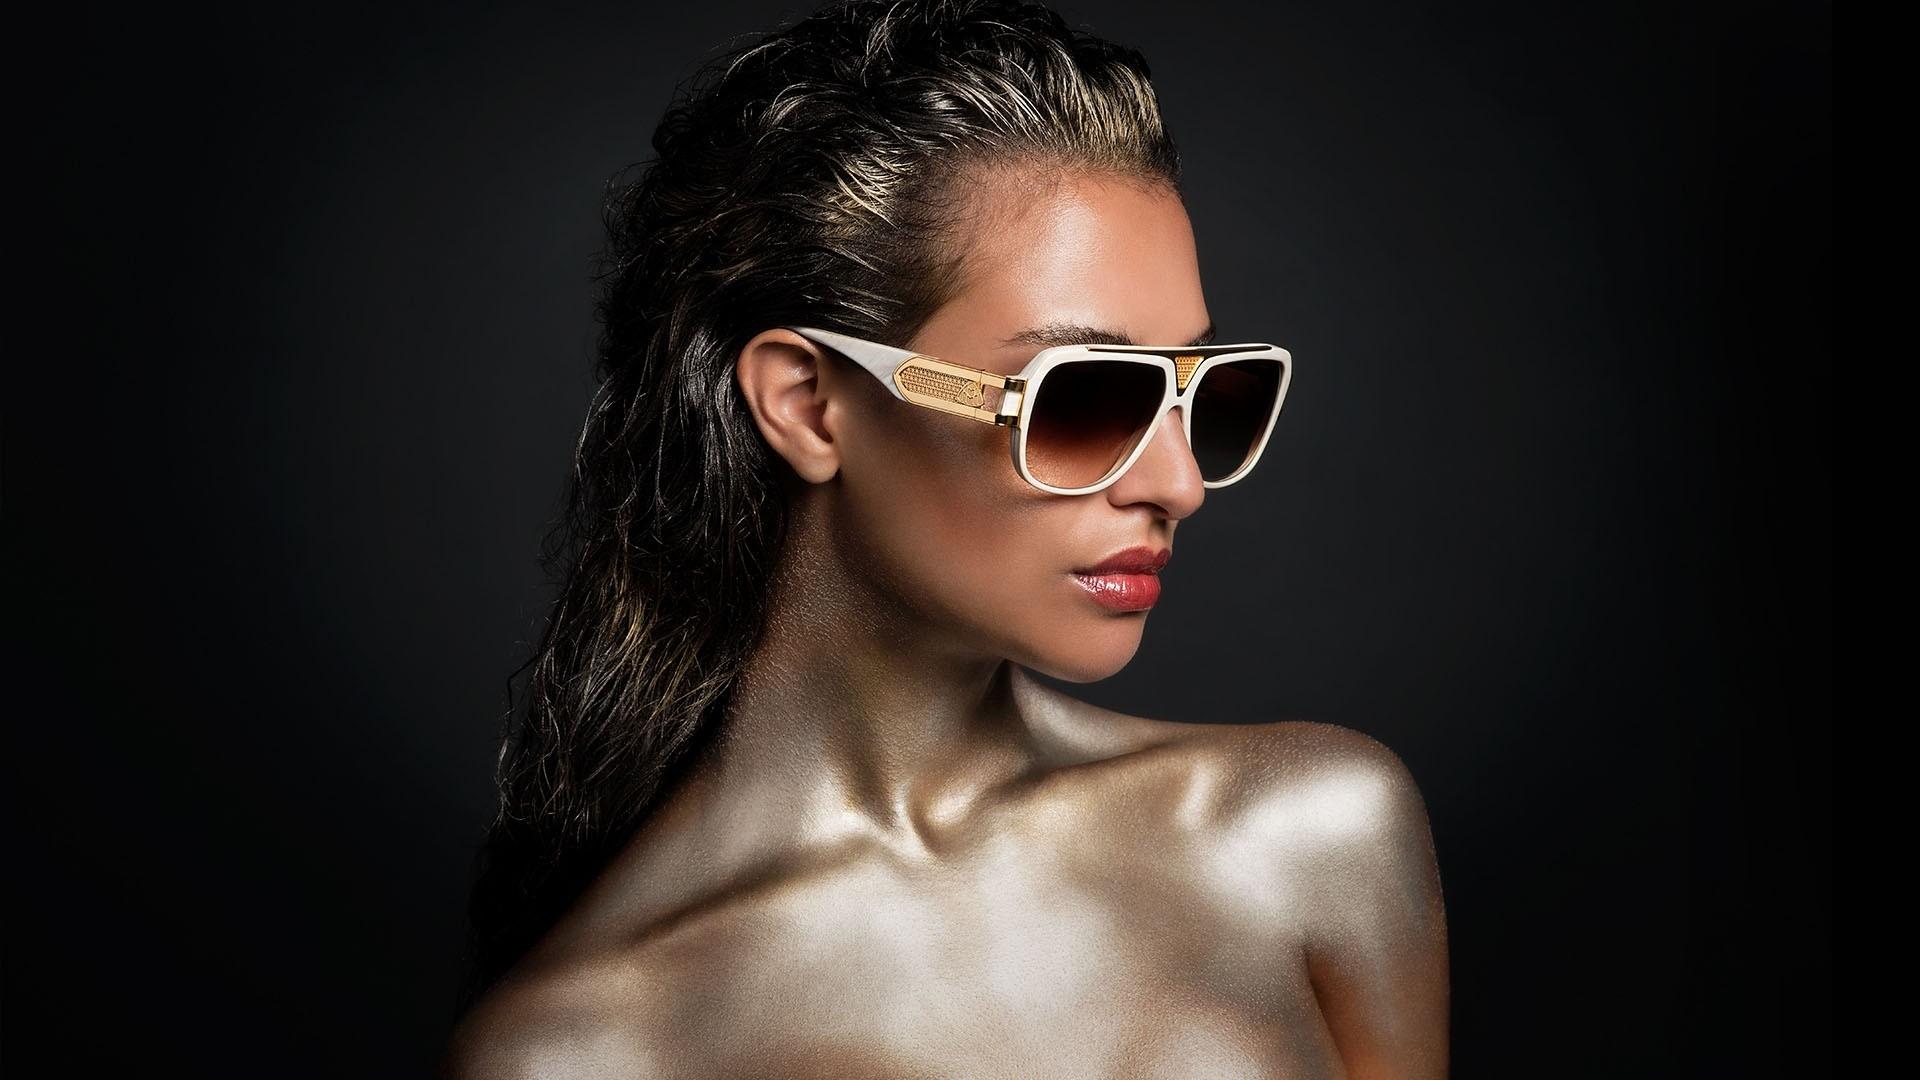 Aufnahme von einem weiblichen Model mit einer weißen Maybach Sonnenbrille mit goldenen Details und schwarzem Hintergrund.